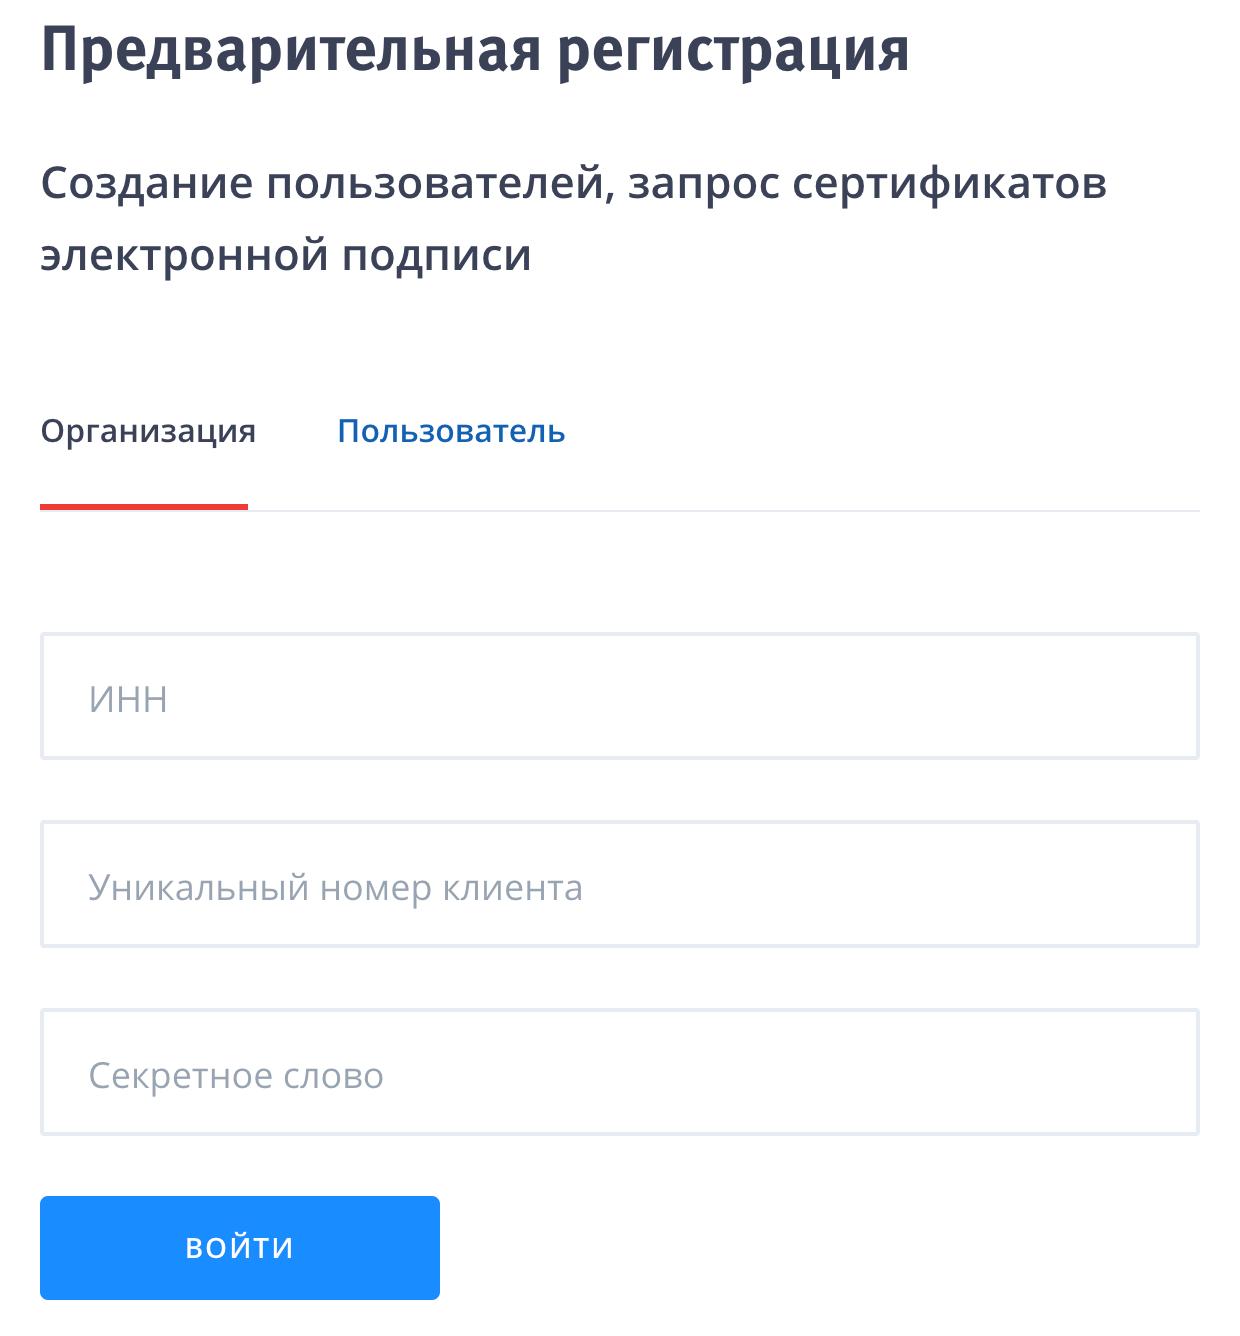 Создание пользователей, запрос сертификатов электронной подписи в ВТБ Бизнес Онлайн